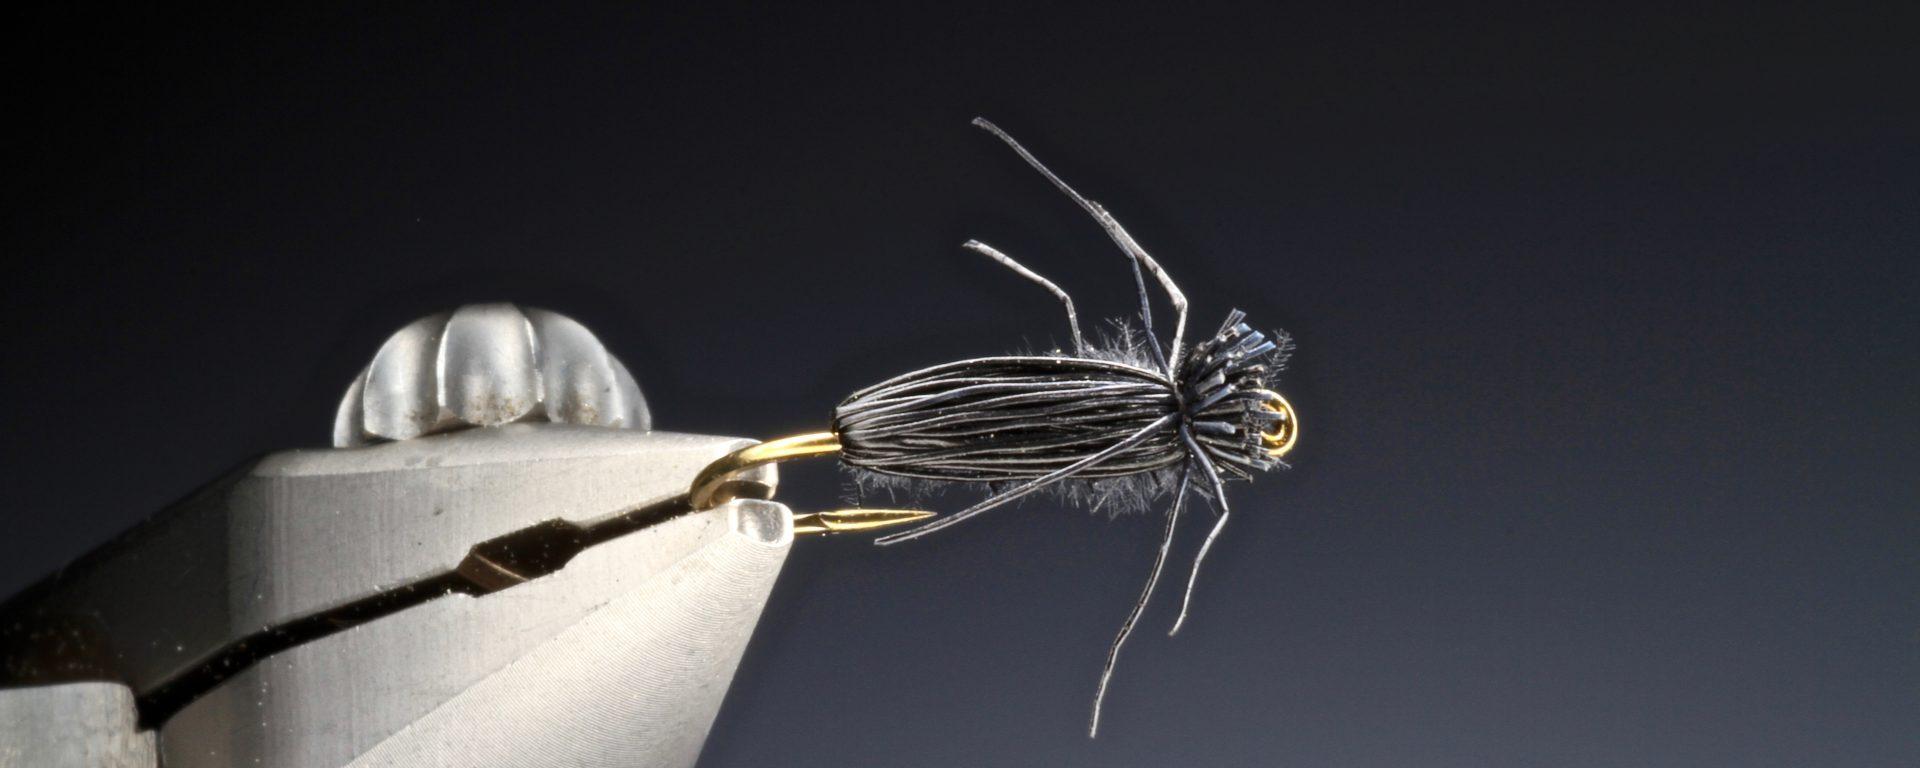 fly tying The Beetle Bug